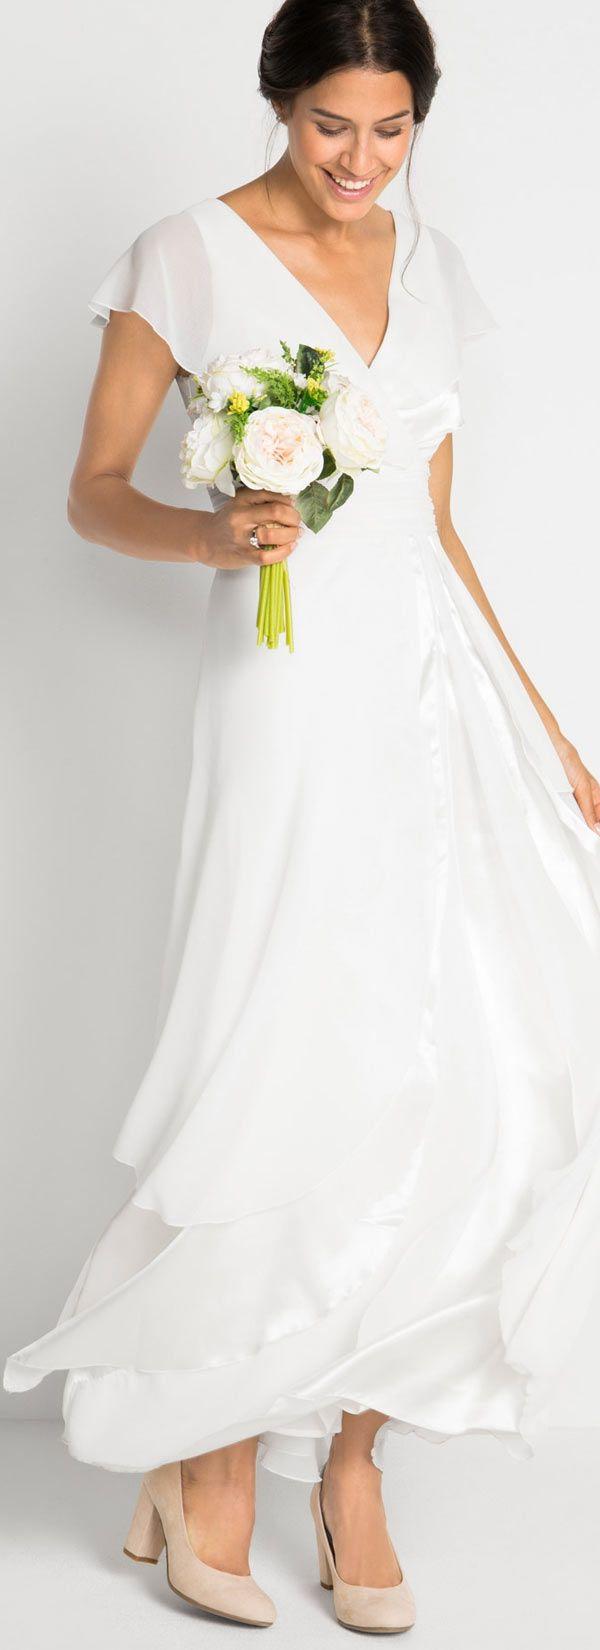 50 best We ♥ Hochzeit images on Pinterest | Casamento, Strand ...